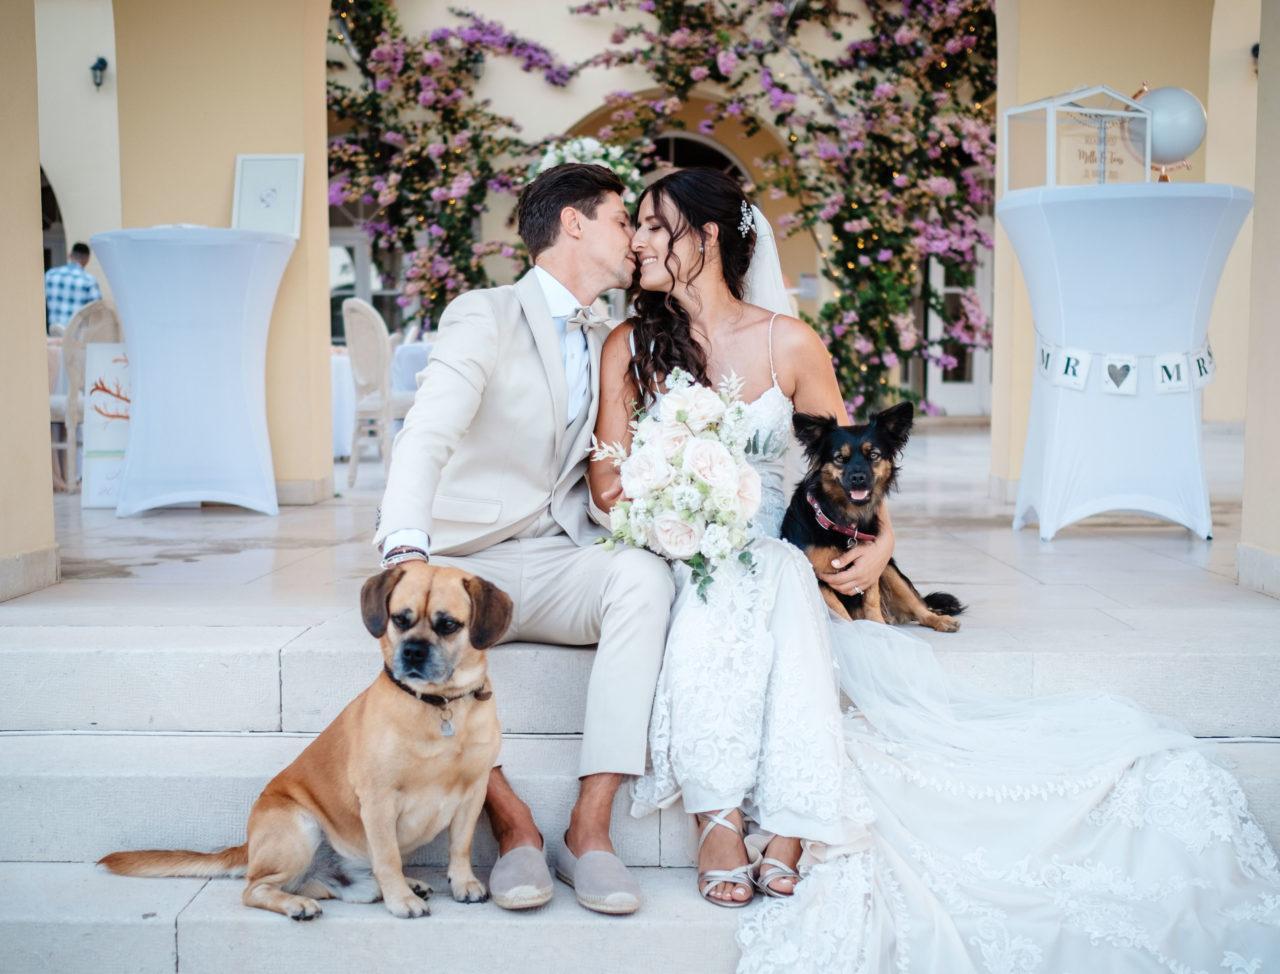 Hochzeit mit Hund Kroatien Wedding Hochzeitsplanung 4 1280x974 - Blog